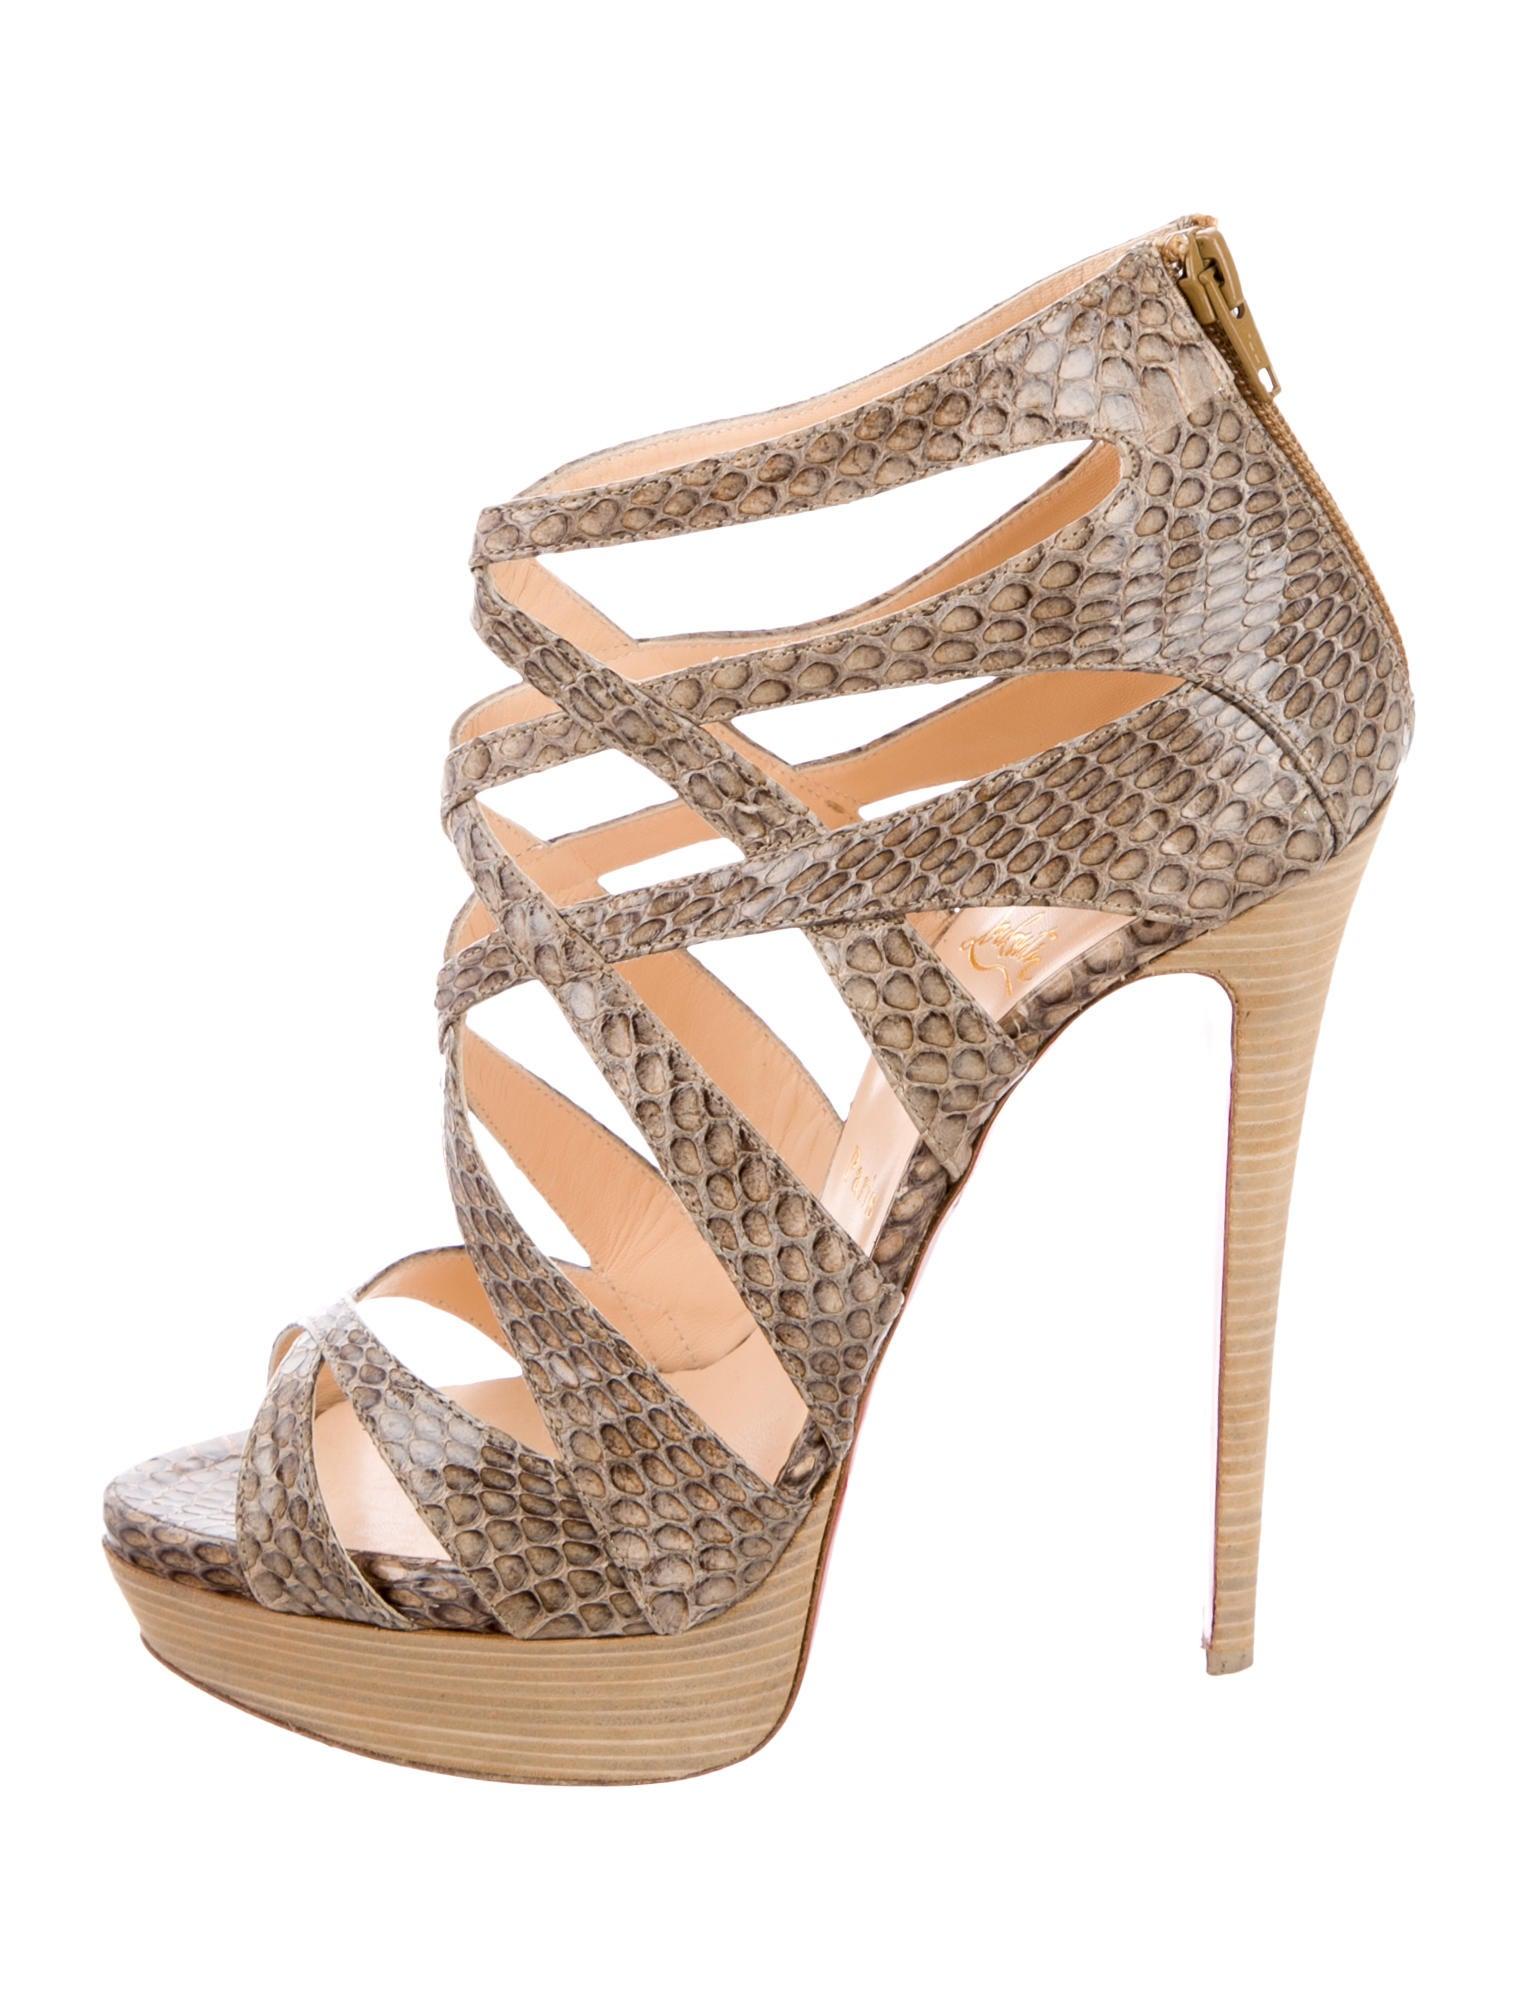 Christian Louboutin Python Balota 140 Sandals cheap sale cheap 9YLhm3NB